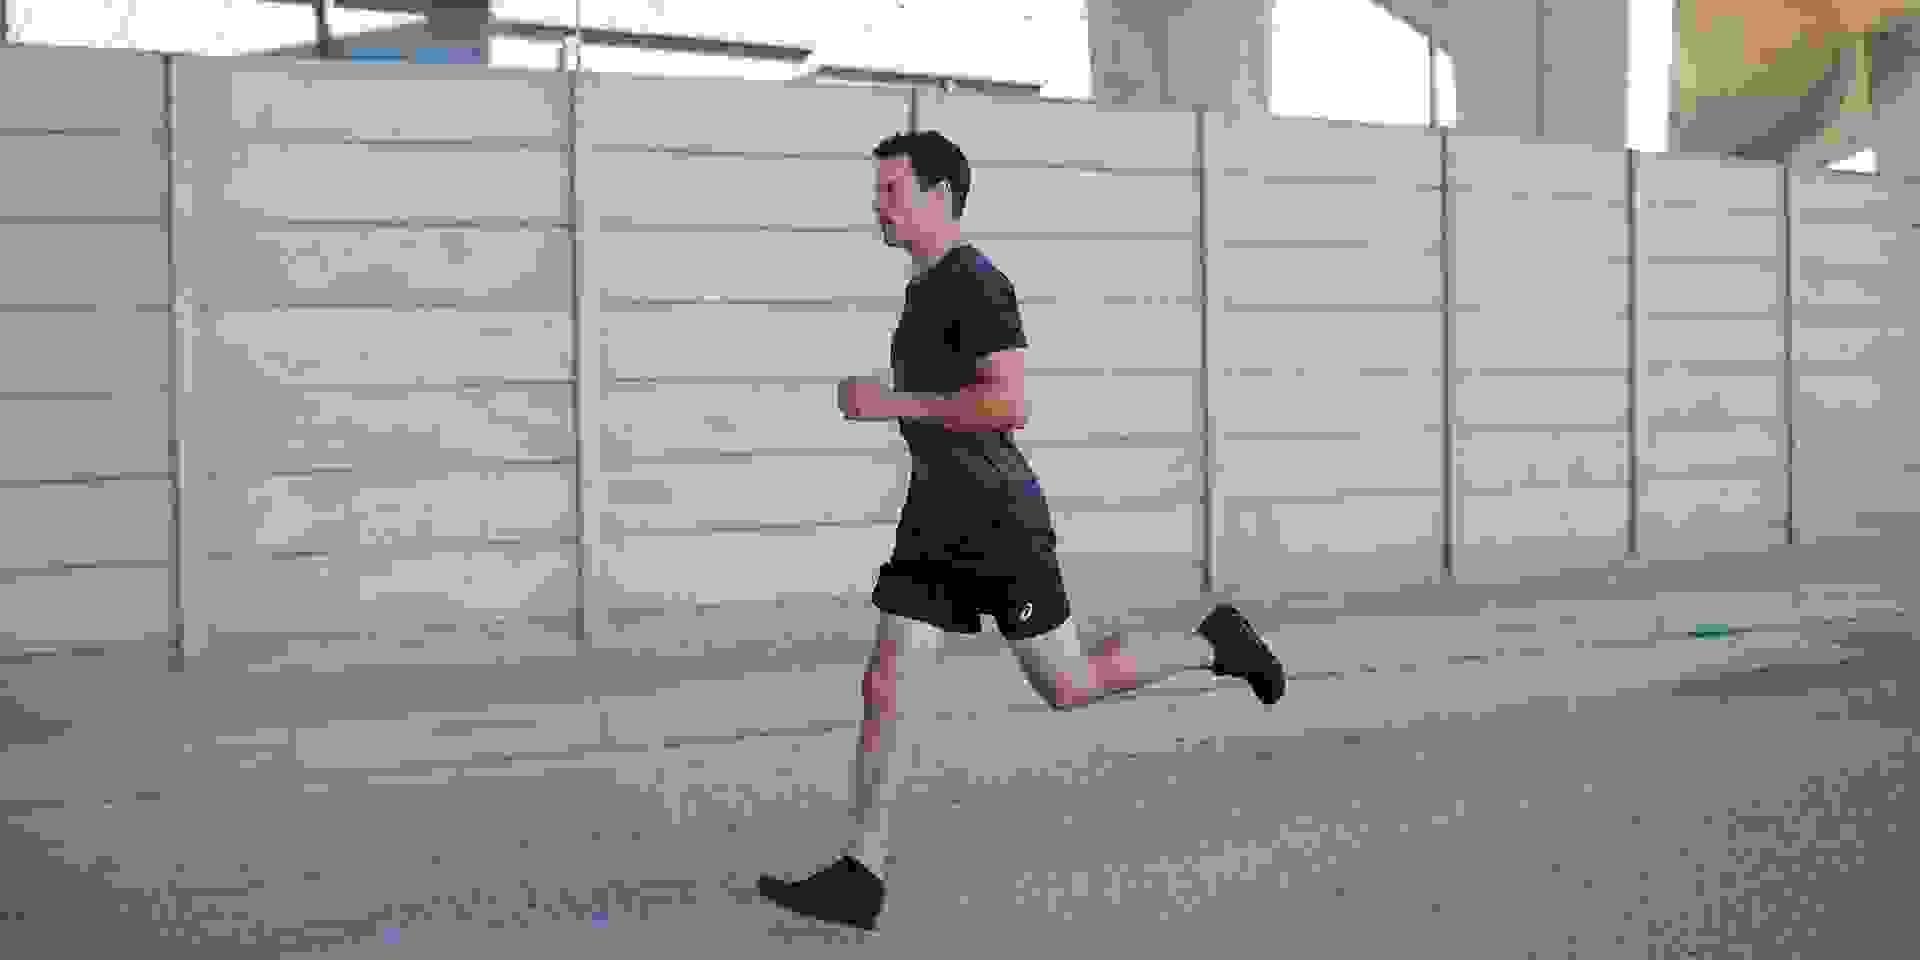 Ein Läufer beim Training in der Stadt